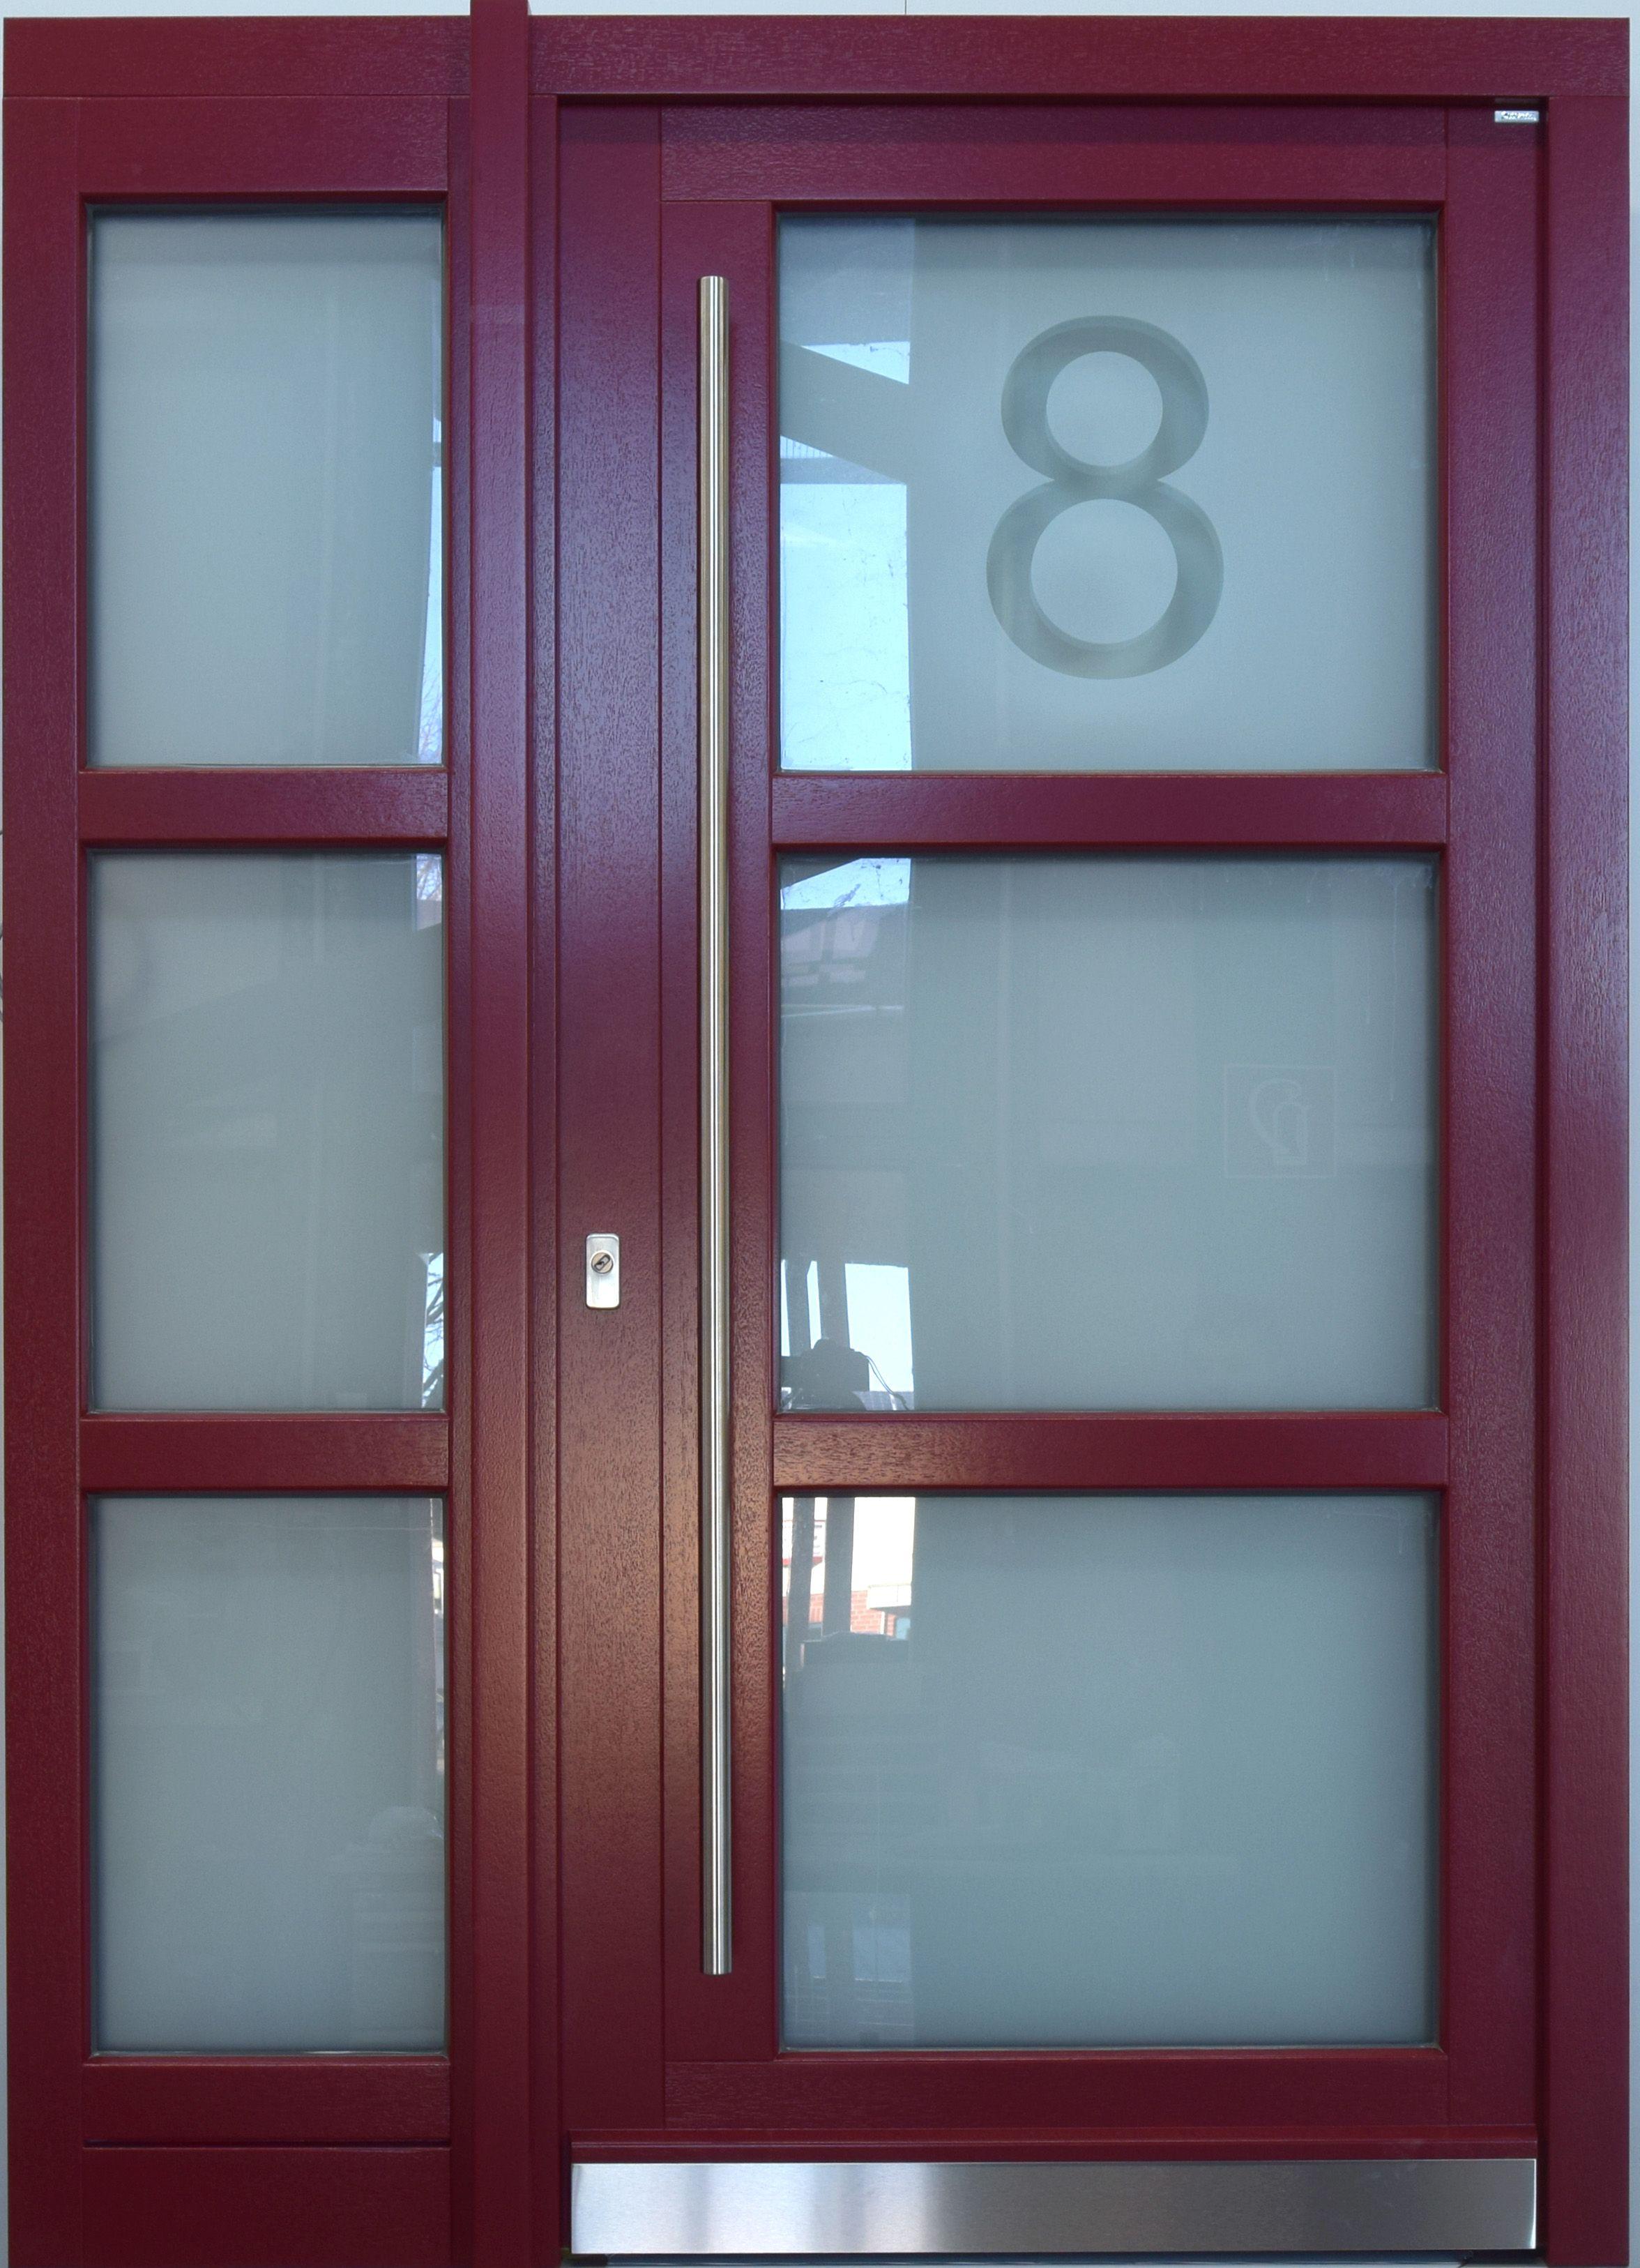 Haustür Mit Hausnummer Im Glas Verewigt Mit Moderner